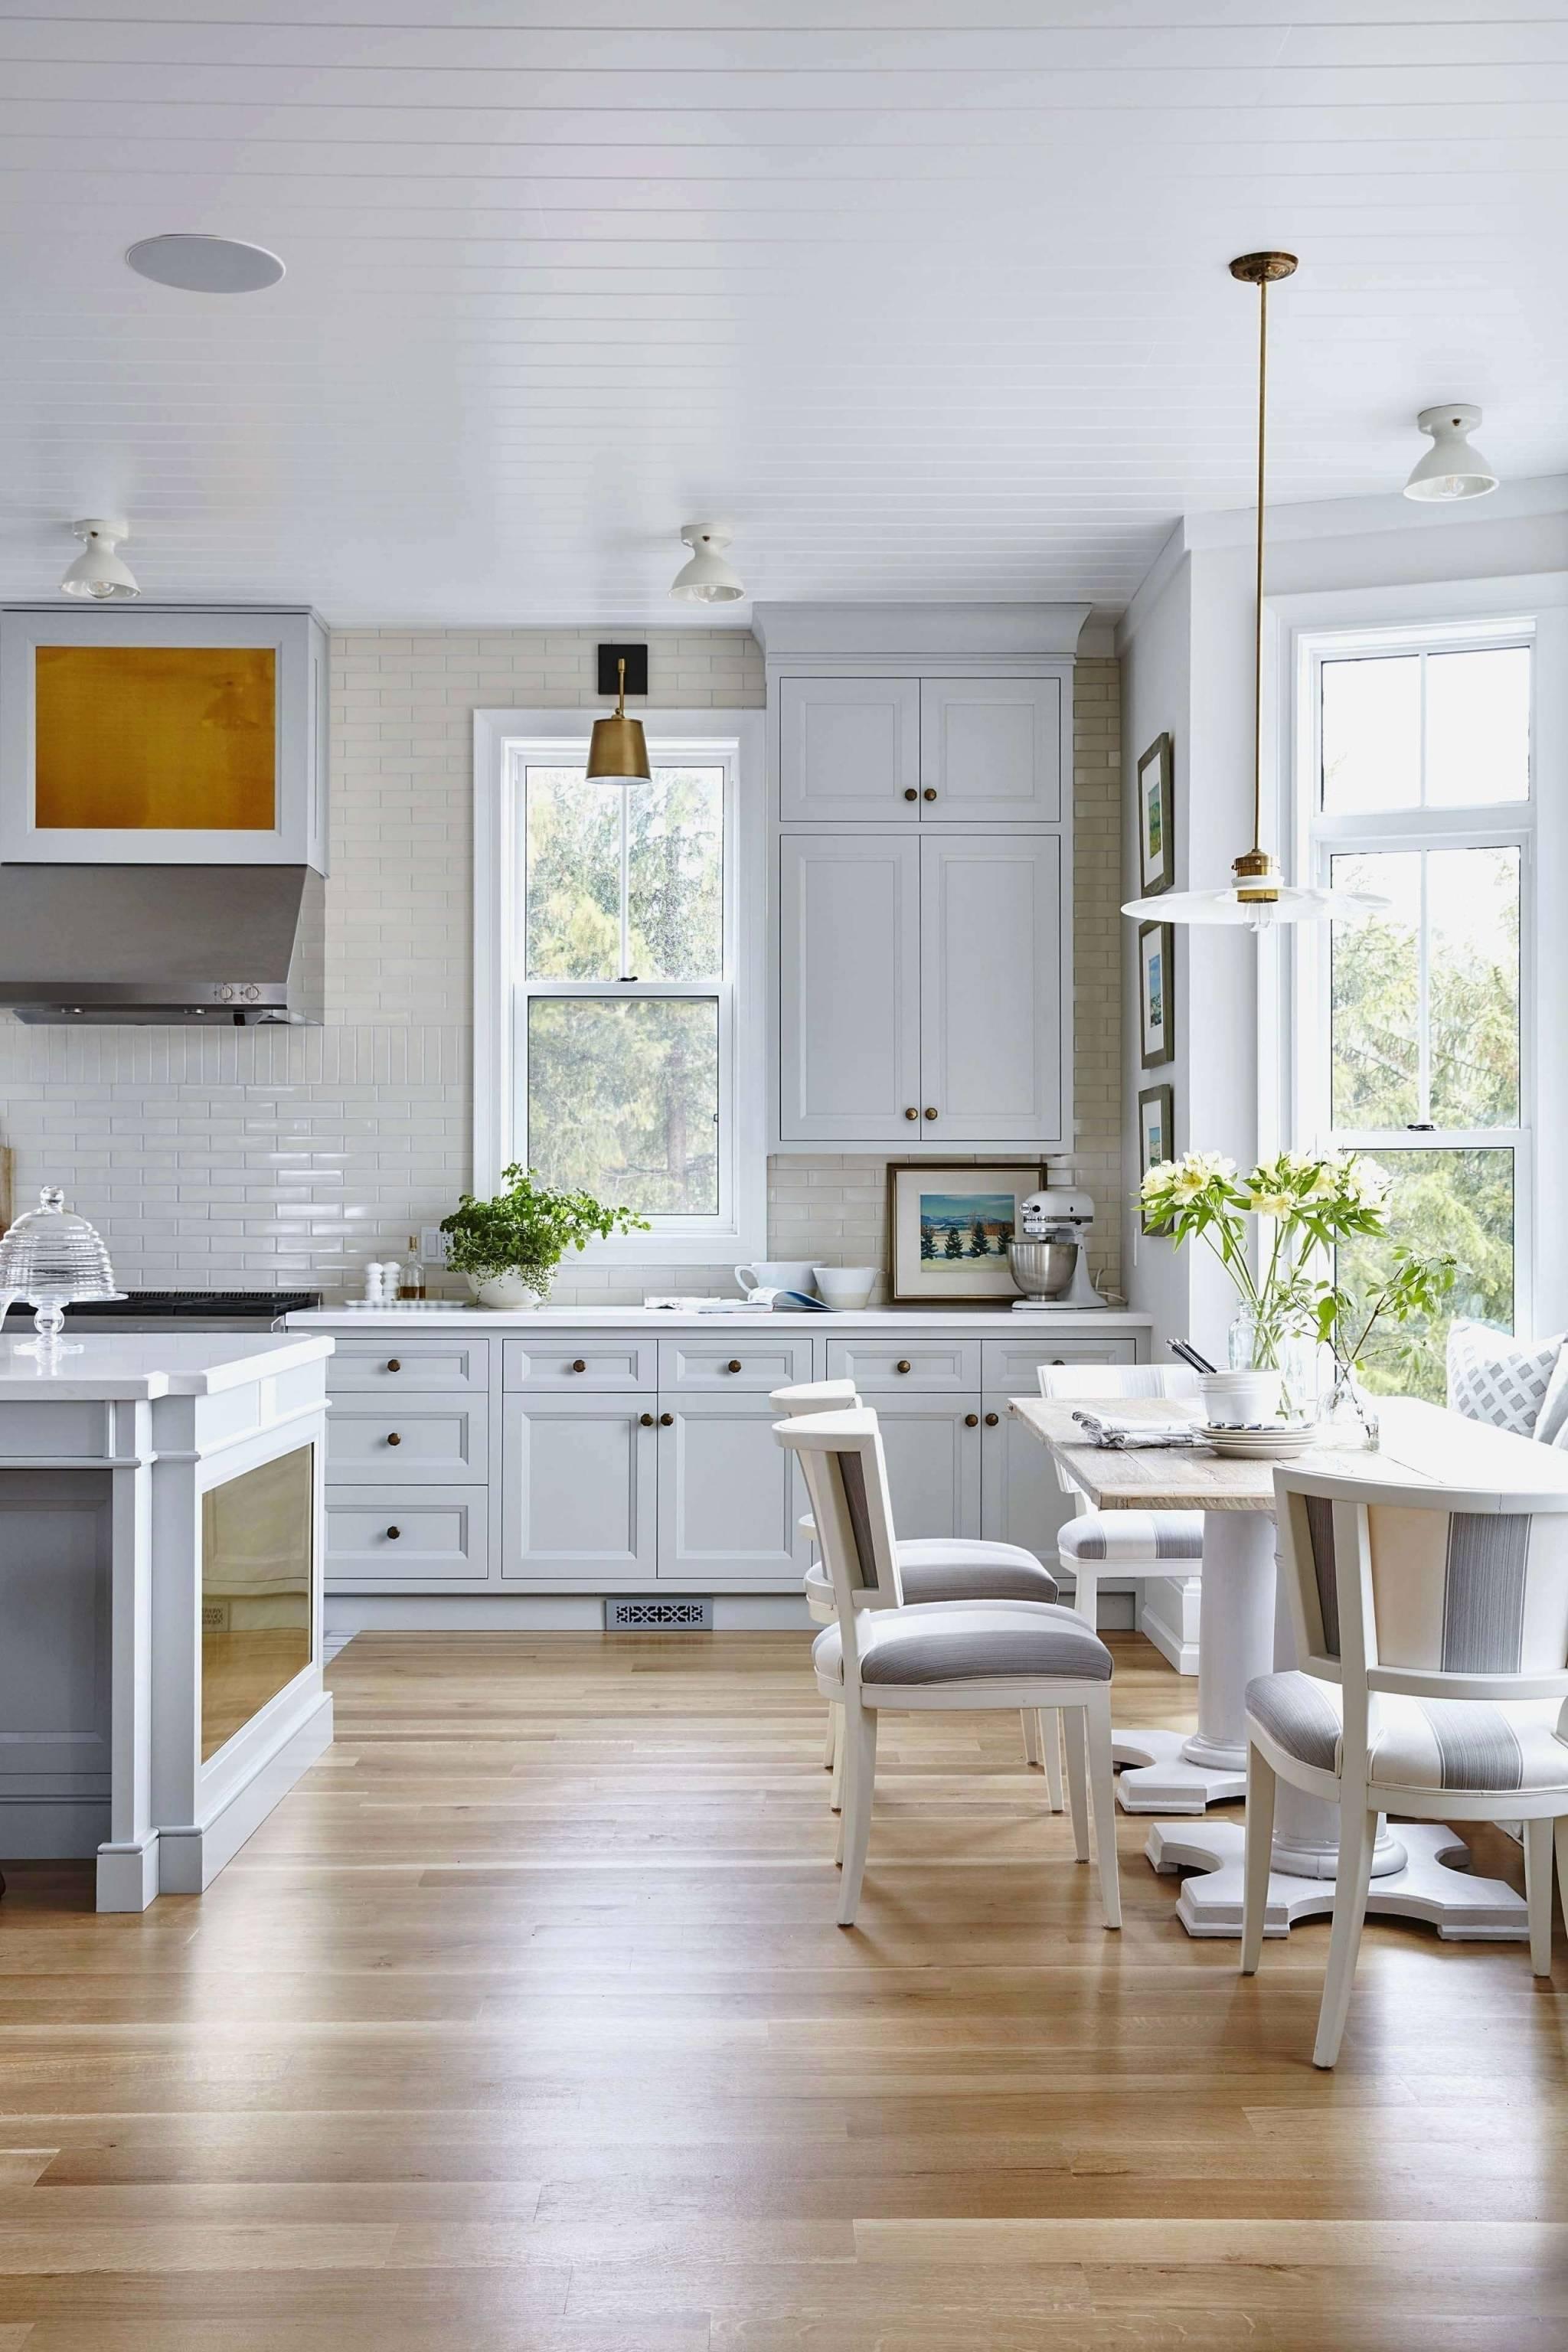 tiny apartment design luxury kitchen joys kitchen joys kitchen 0d 1 amazing only if luxury kitchen